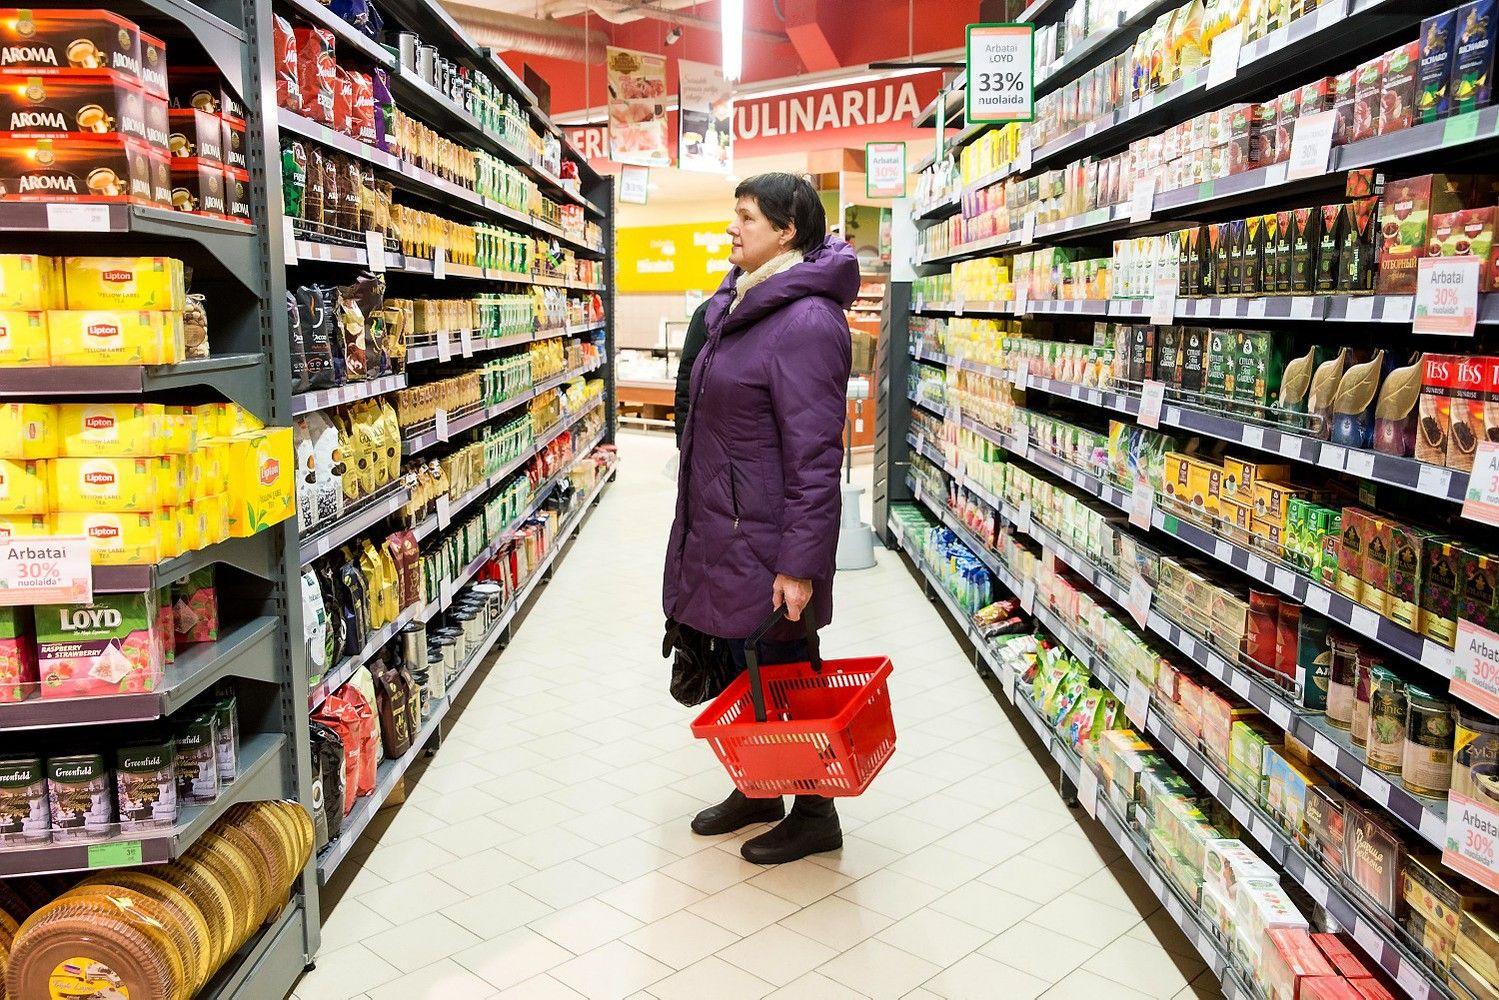 G. Surplio vizija dėl maisto kuponų: tai bus madinga